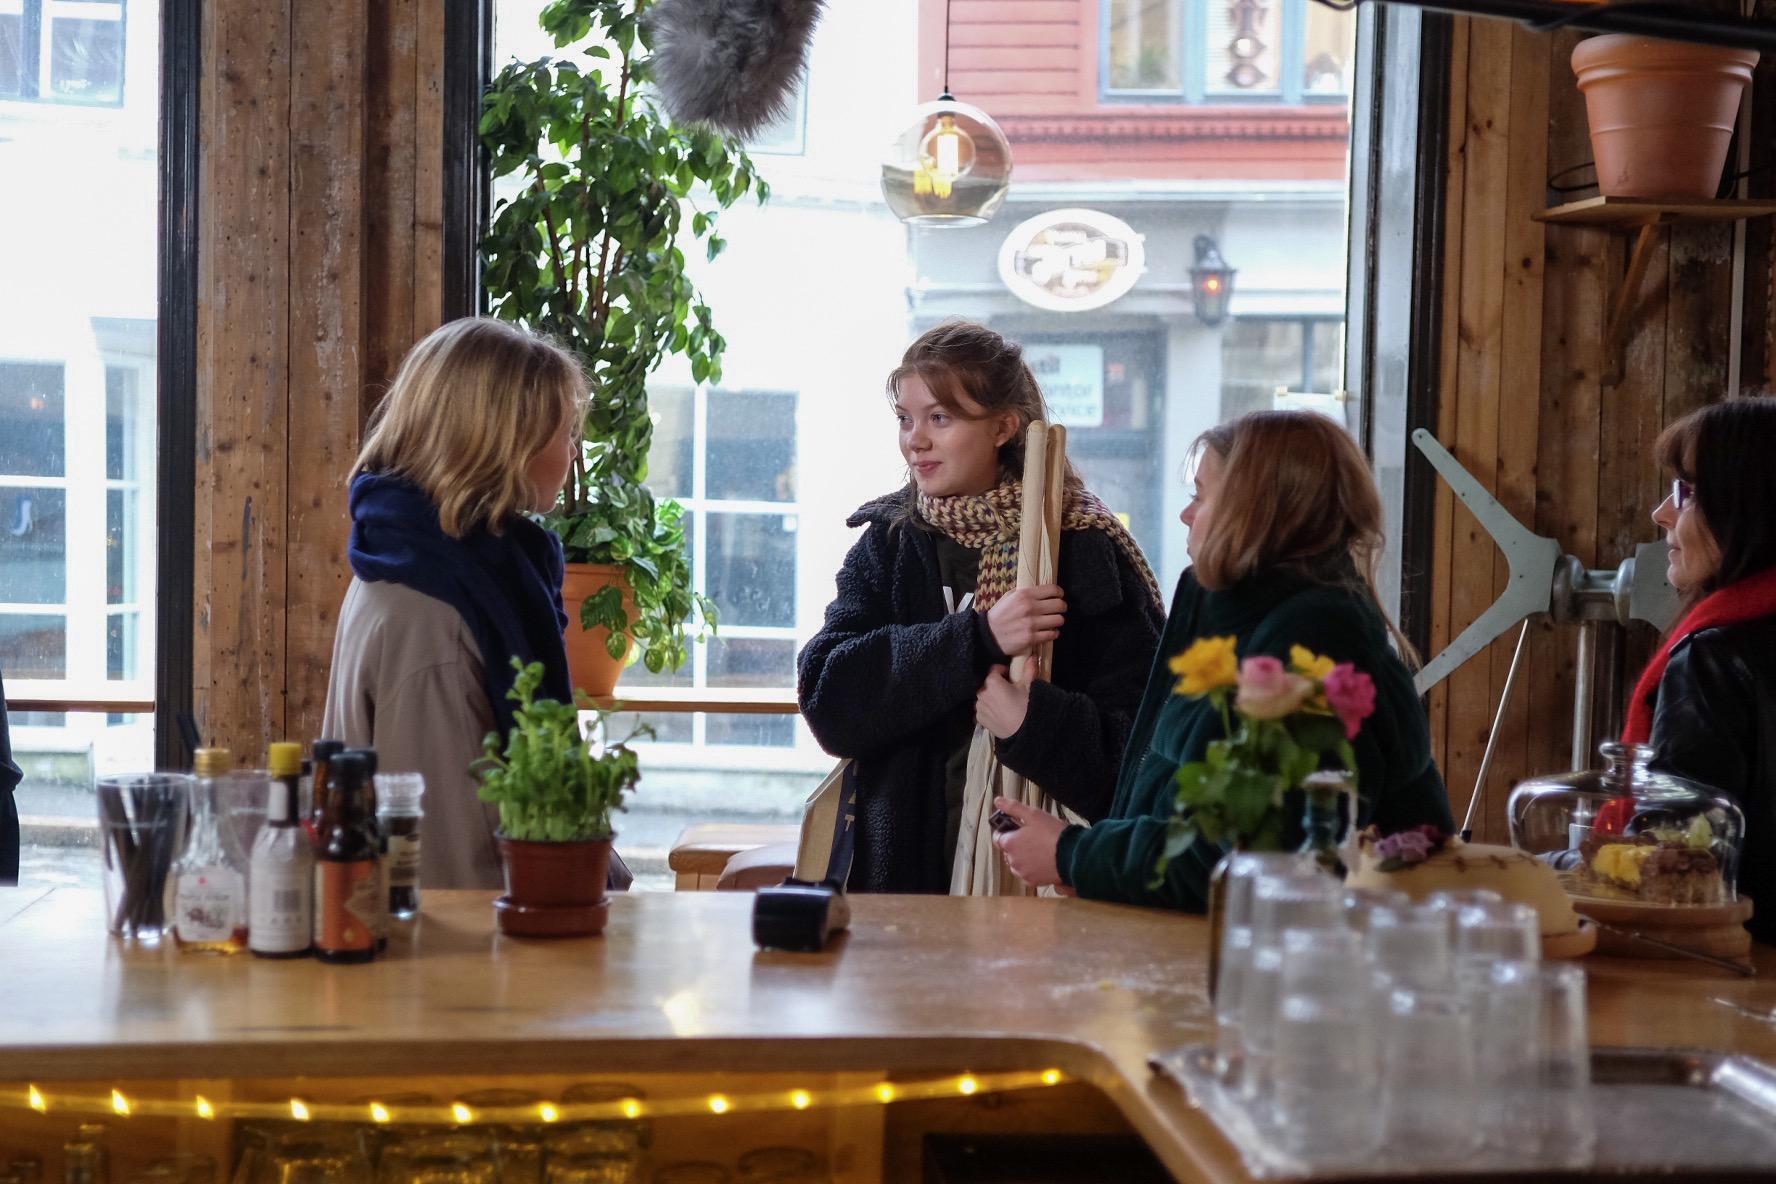 Fra venstre: Tèa Grønner Joner, Laura Johansson Schnell og Fanny Nupen